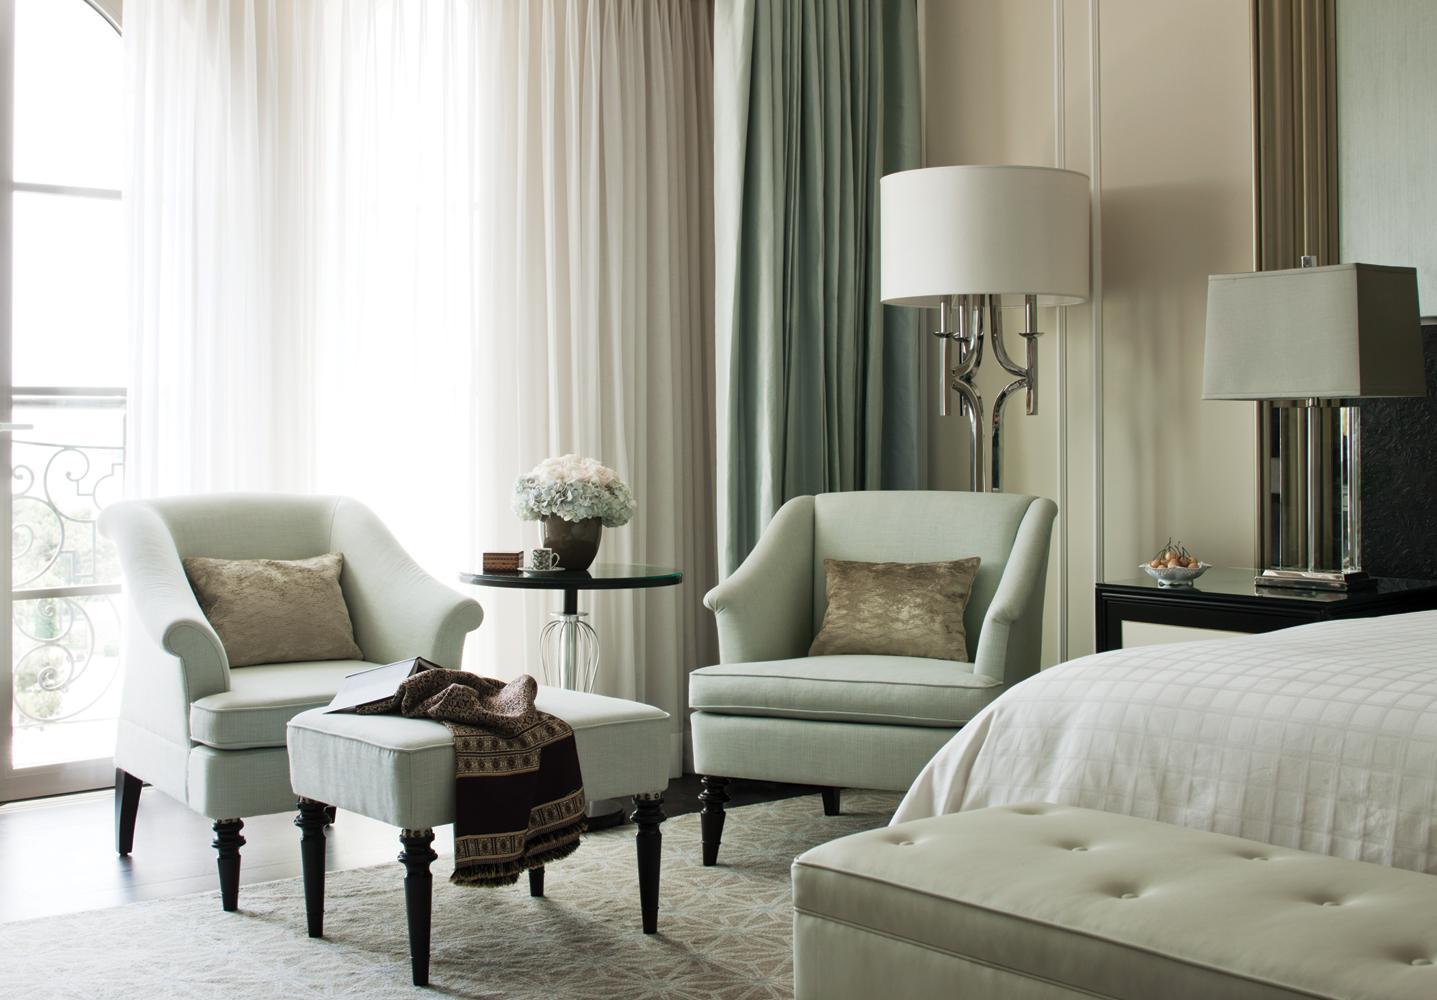 bakou la flambeuse madame figaro. Black Bedroom Furniture Sets. Home Design Ideas